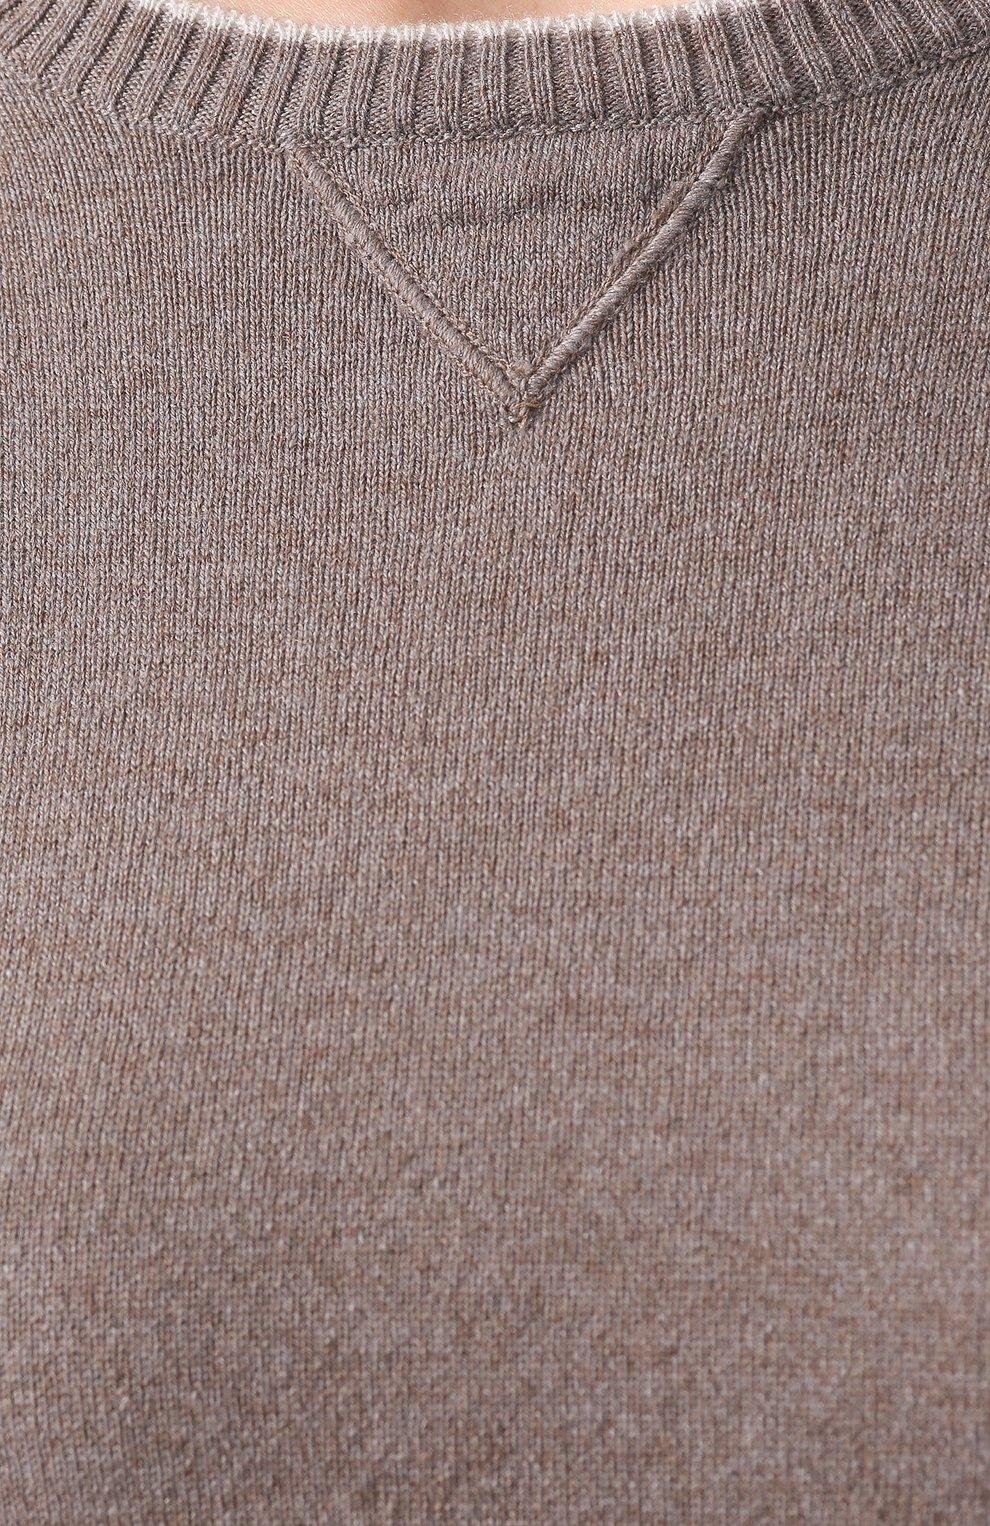 Женский кашемировый пуловер ELEVENTY серого цвета, арт. 980MA0534 MAG28014   Фото 5 (Рукава от горловины: Длинные; Материал внешний: Шерсть, Кашемир; Рукава: Длинные; Длина (для топов): Стандартные; Статус проверки: Проверено, Проверена категория; Женское Кросс-КТ: Пуловер-одежда)